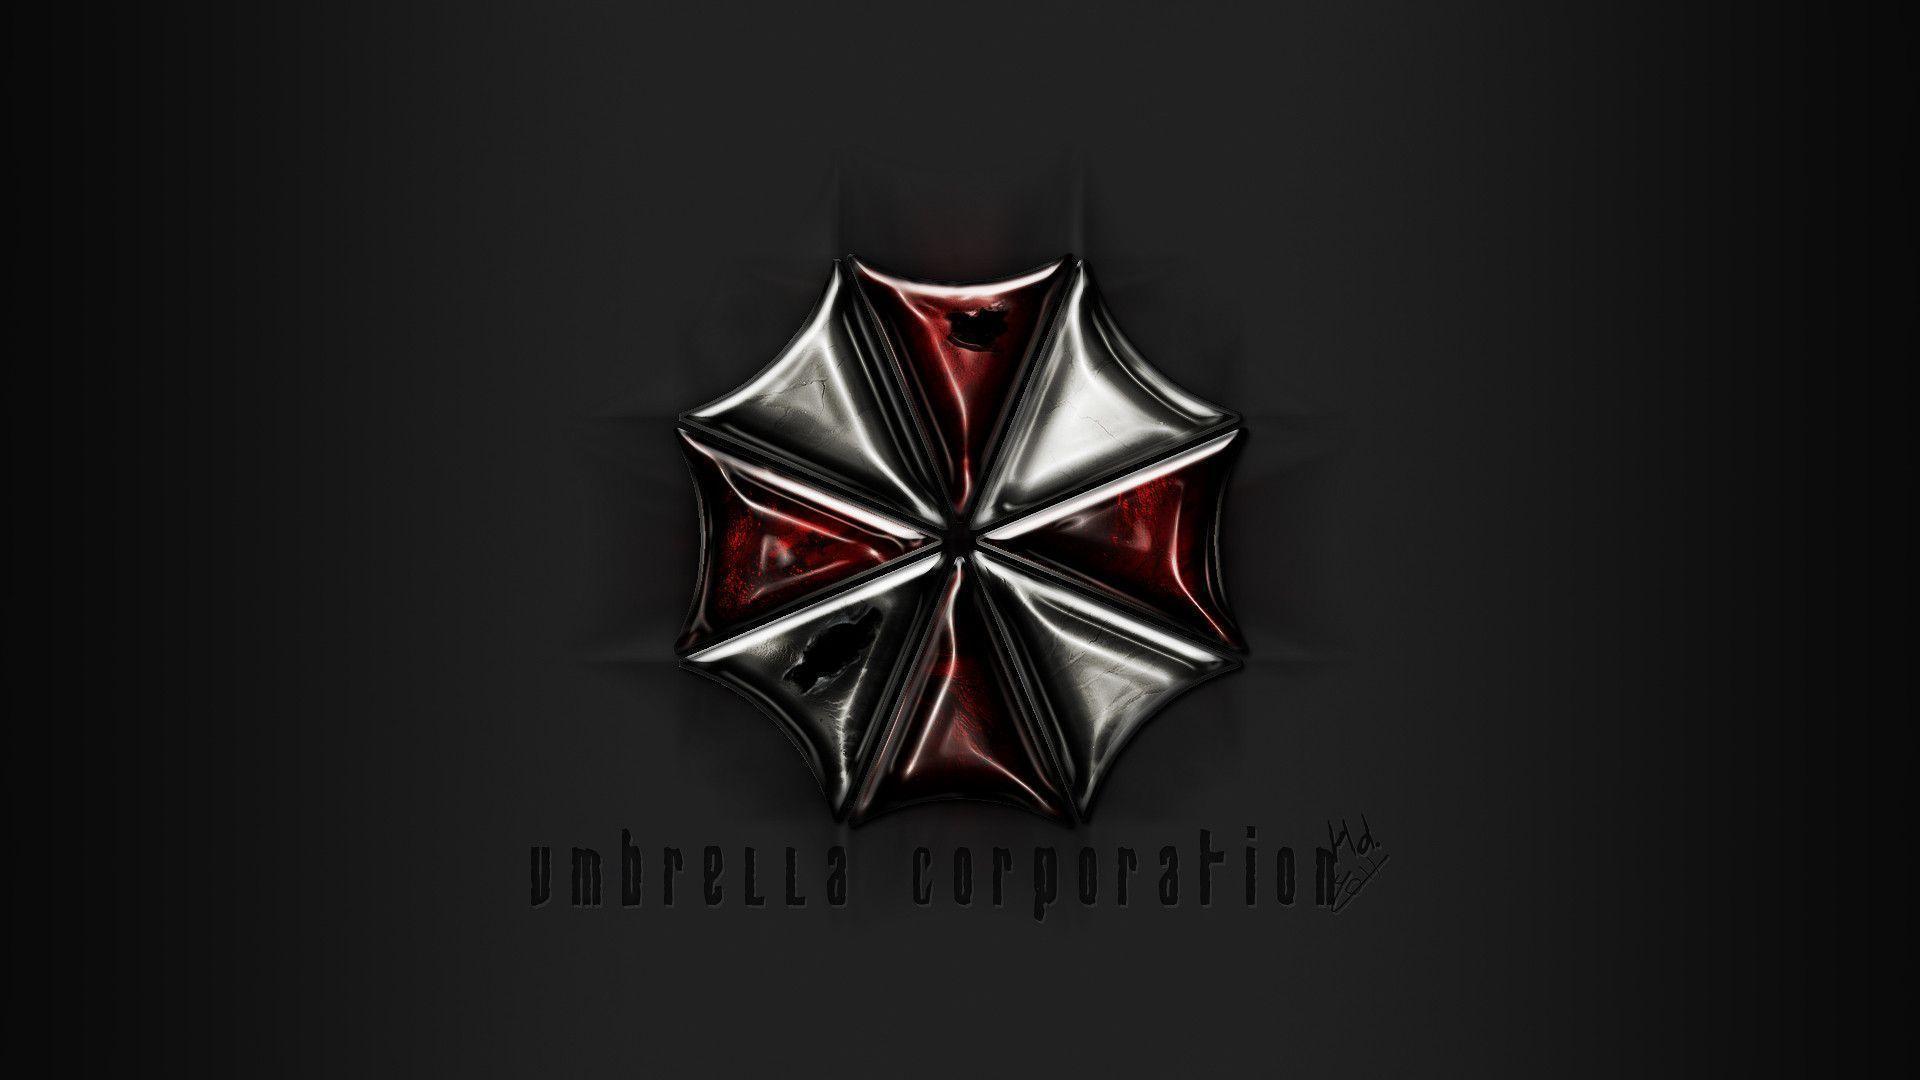 Umbrella Corporation Wallpapers - Wallpaper Cave |Umbrella Corp Background